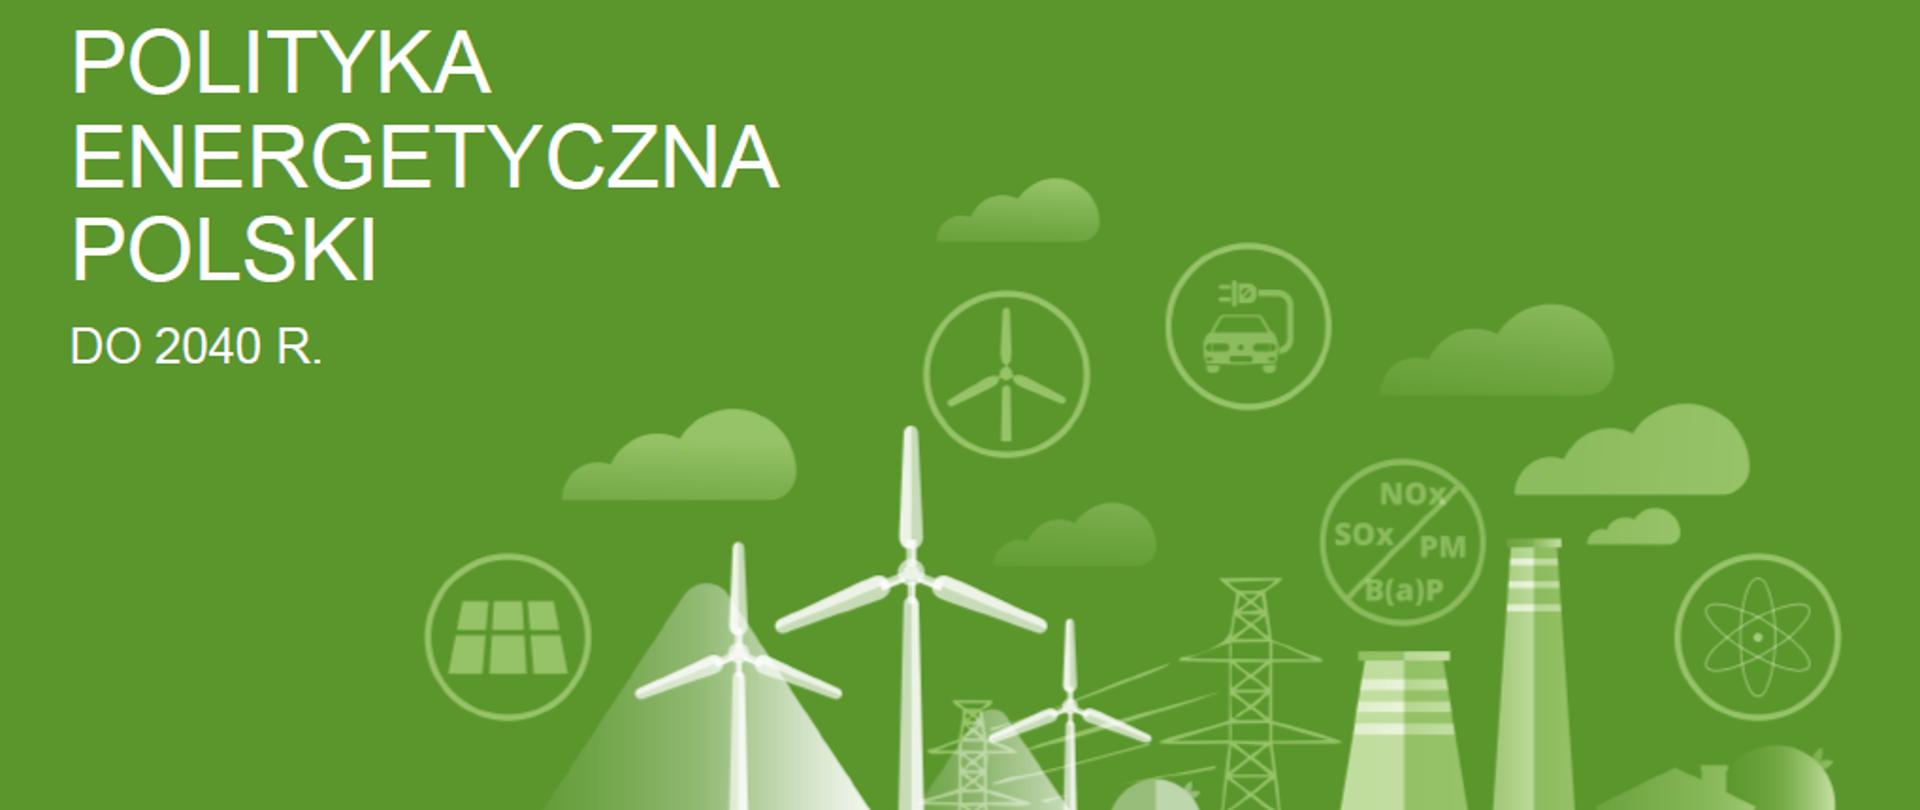 Polityka energetyczna Polski do 2040 r.